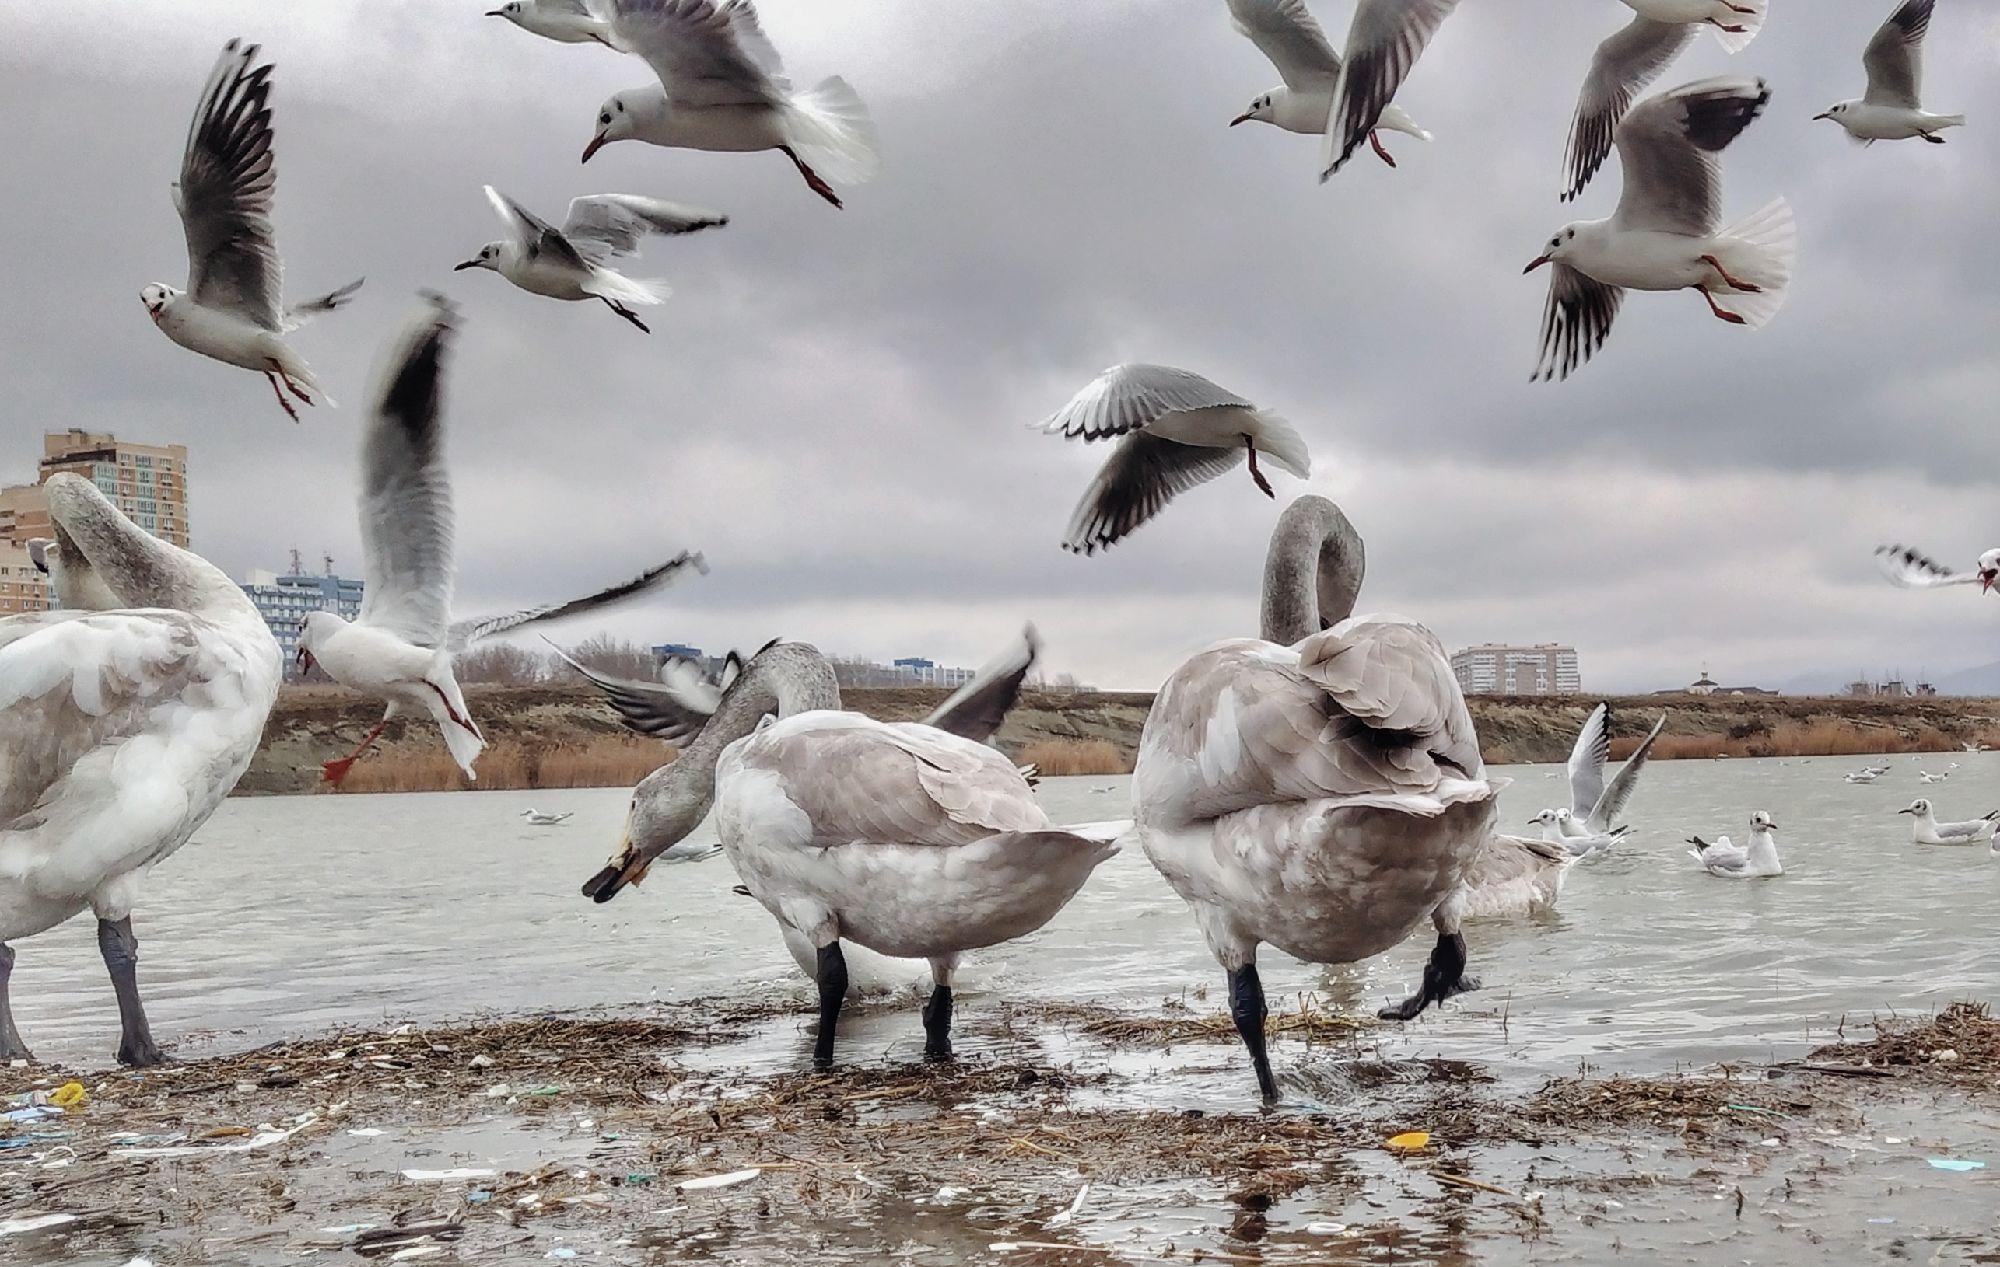 Суджукская лагуна, Новороссийск. 31 января 2021. Фото: Саша Савичева